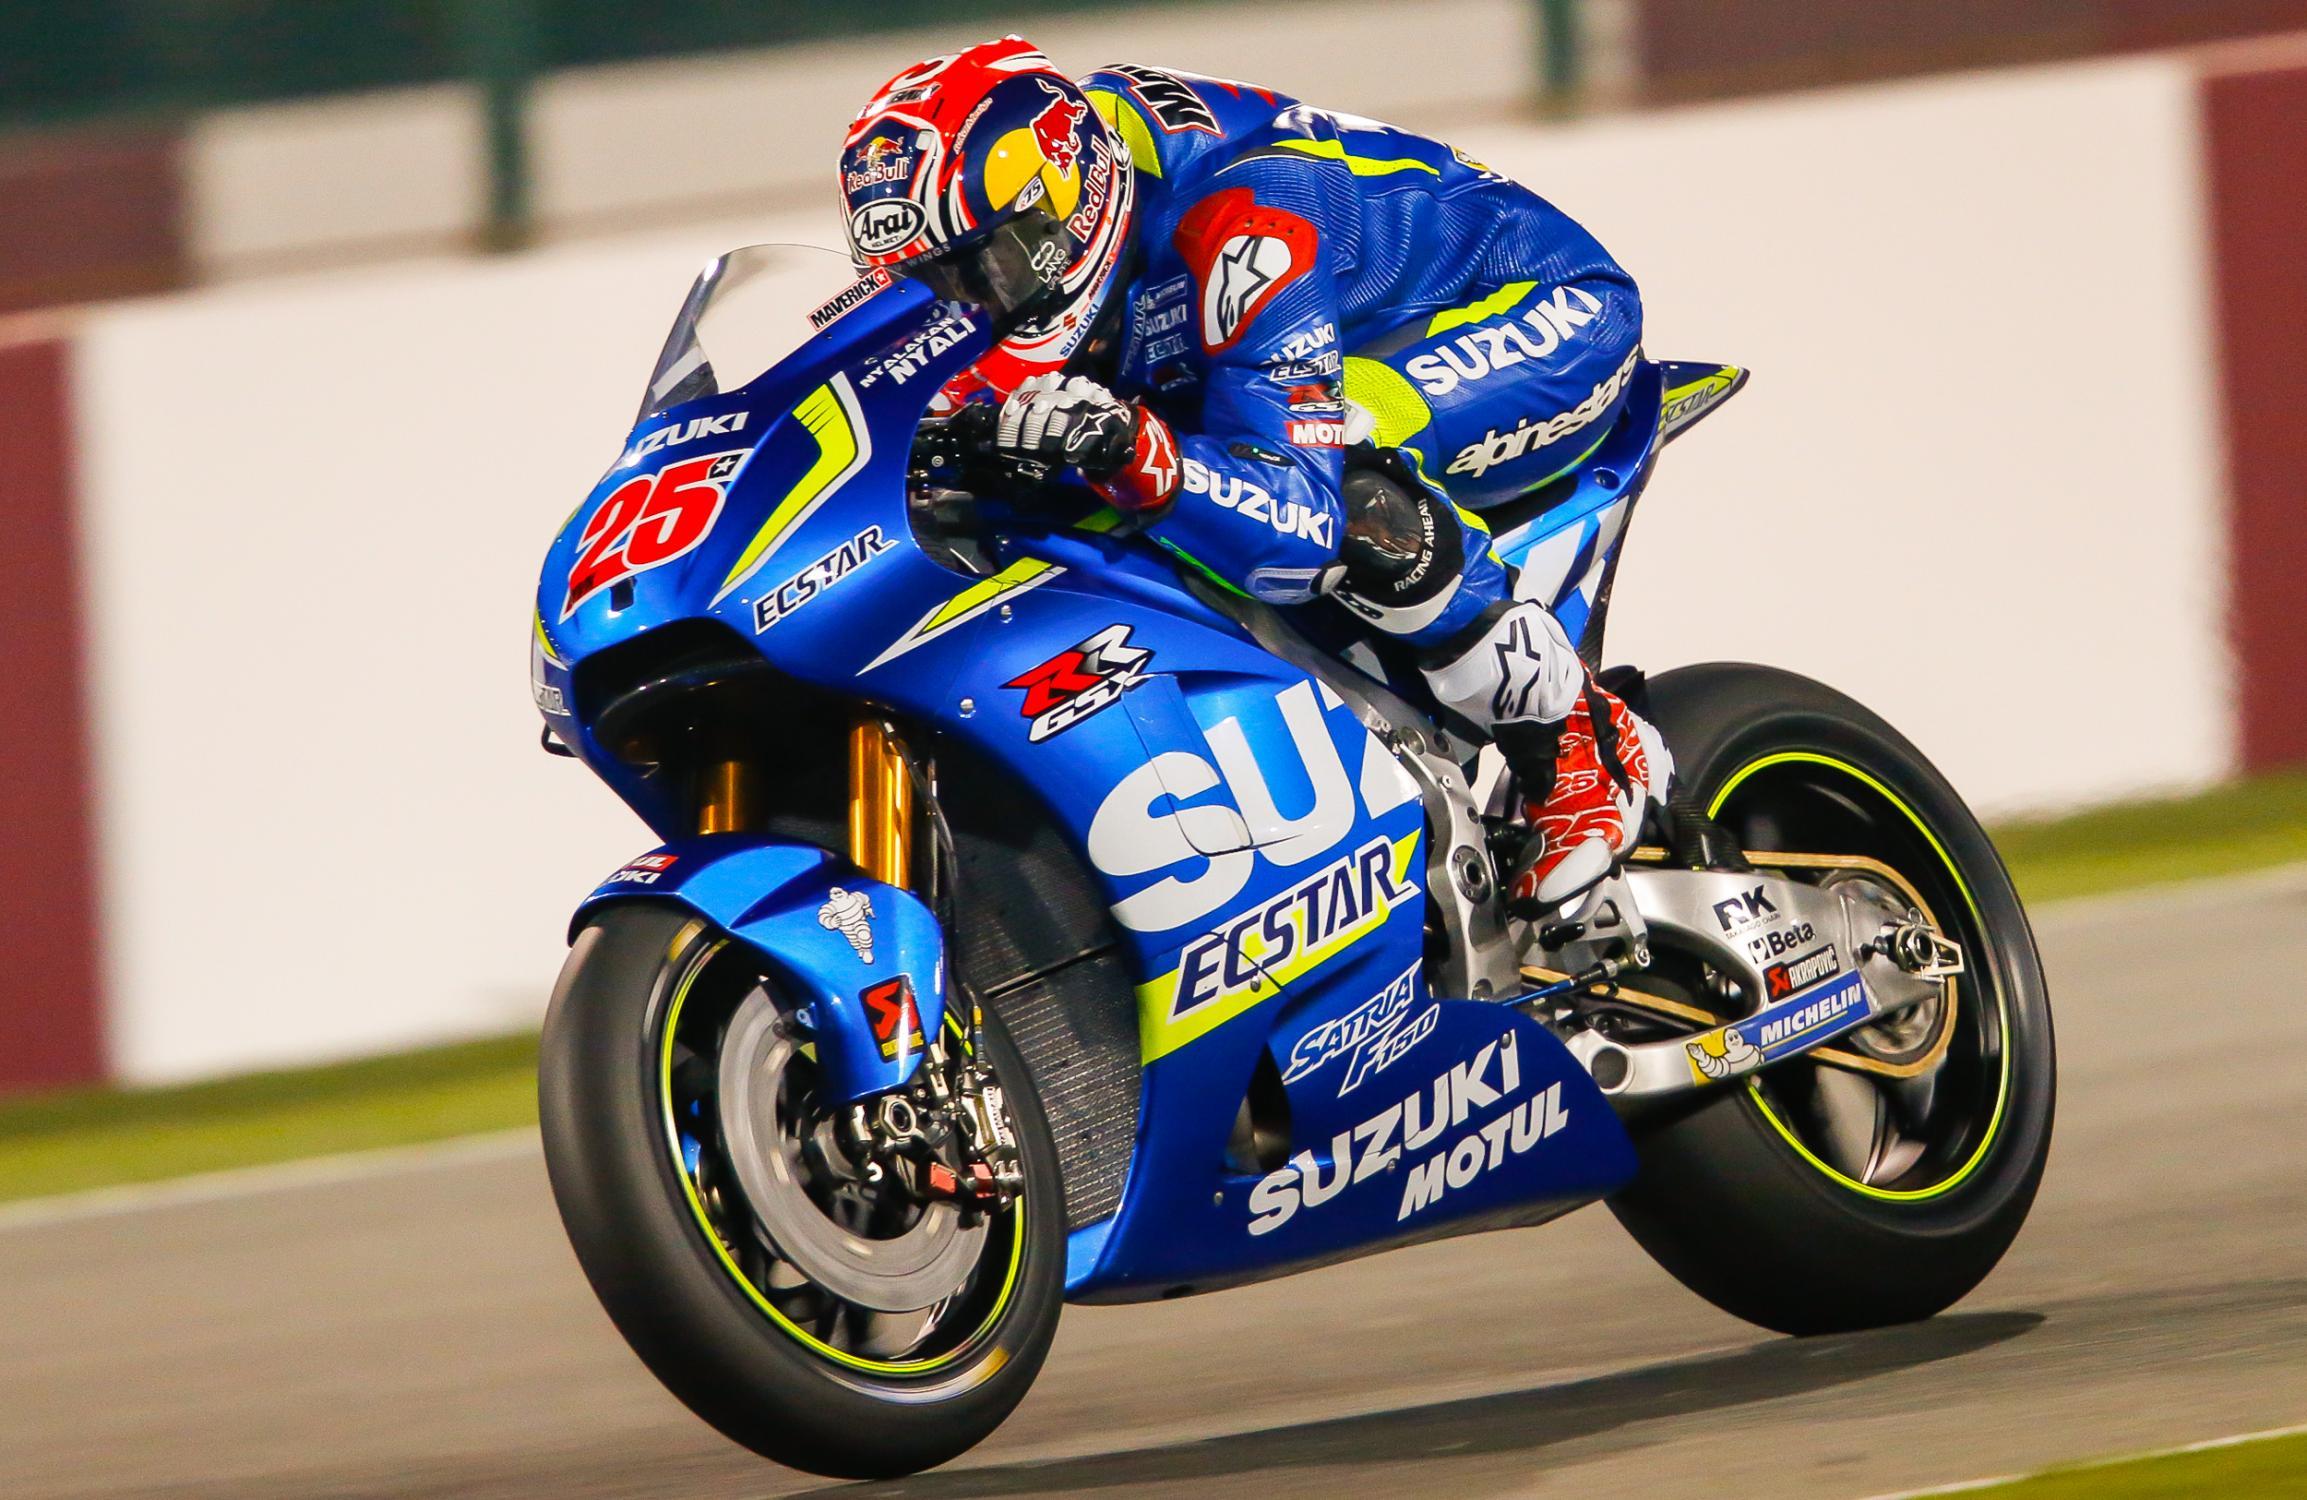 Test MotoGP Qatar 2016 25-vinales-maverick_gp_7963.gallery_full_top_fullscreen